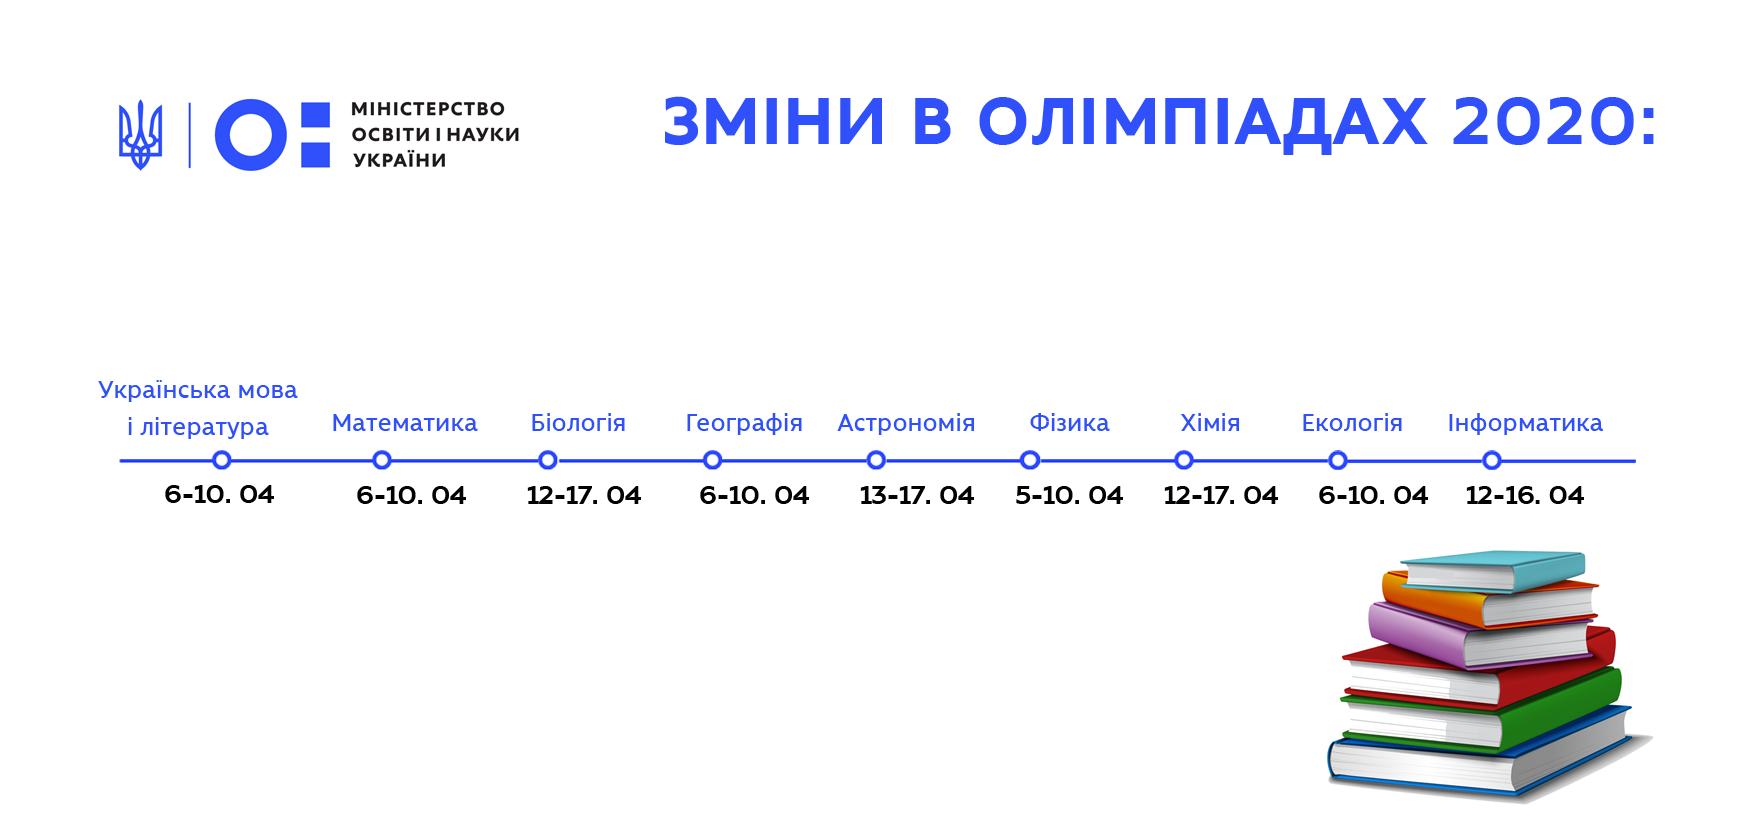 Зміни в олімпіадах у зв'язку з загальнонаціональним карантином: вдасться провести IV етап Всеукраїнських олімпіад з 9 предметів – наказ МОН